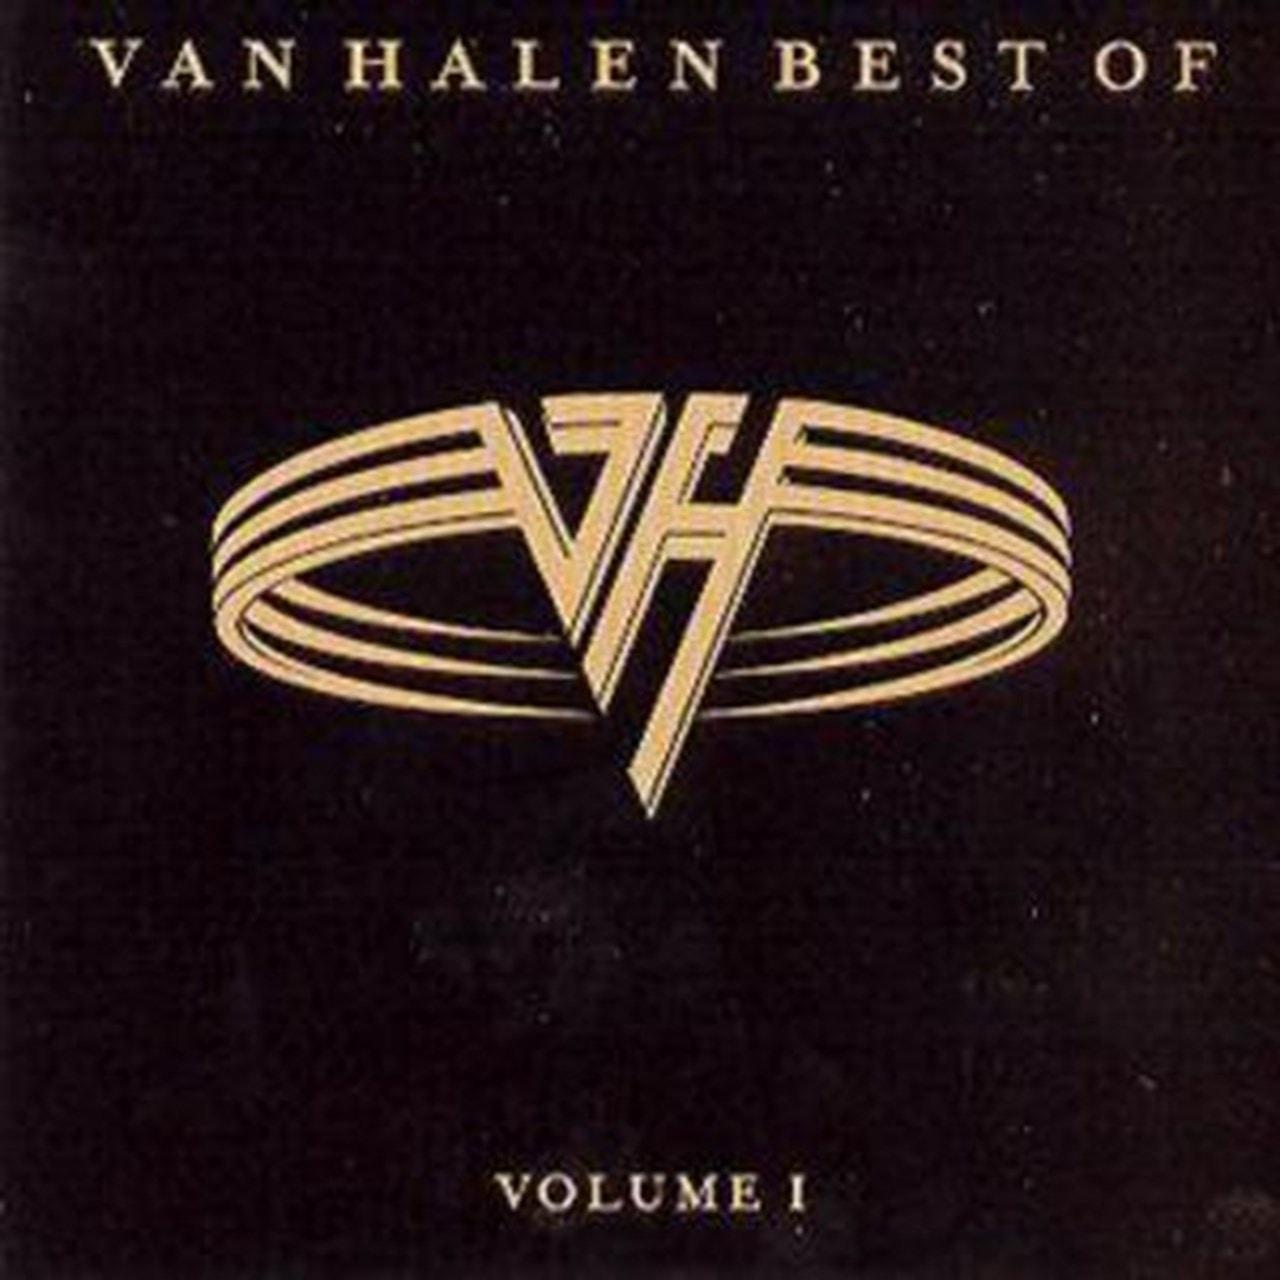 The Best of Van Halen: Volume I - 1